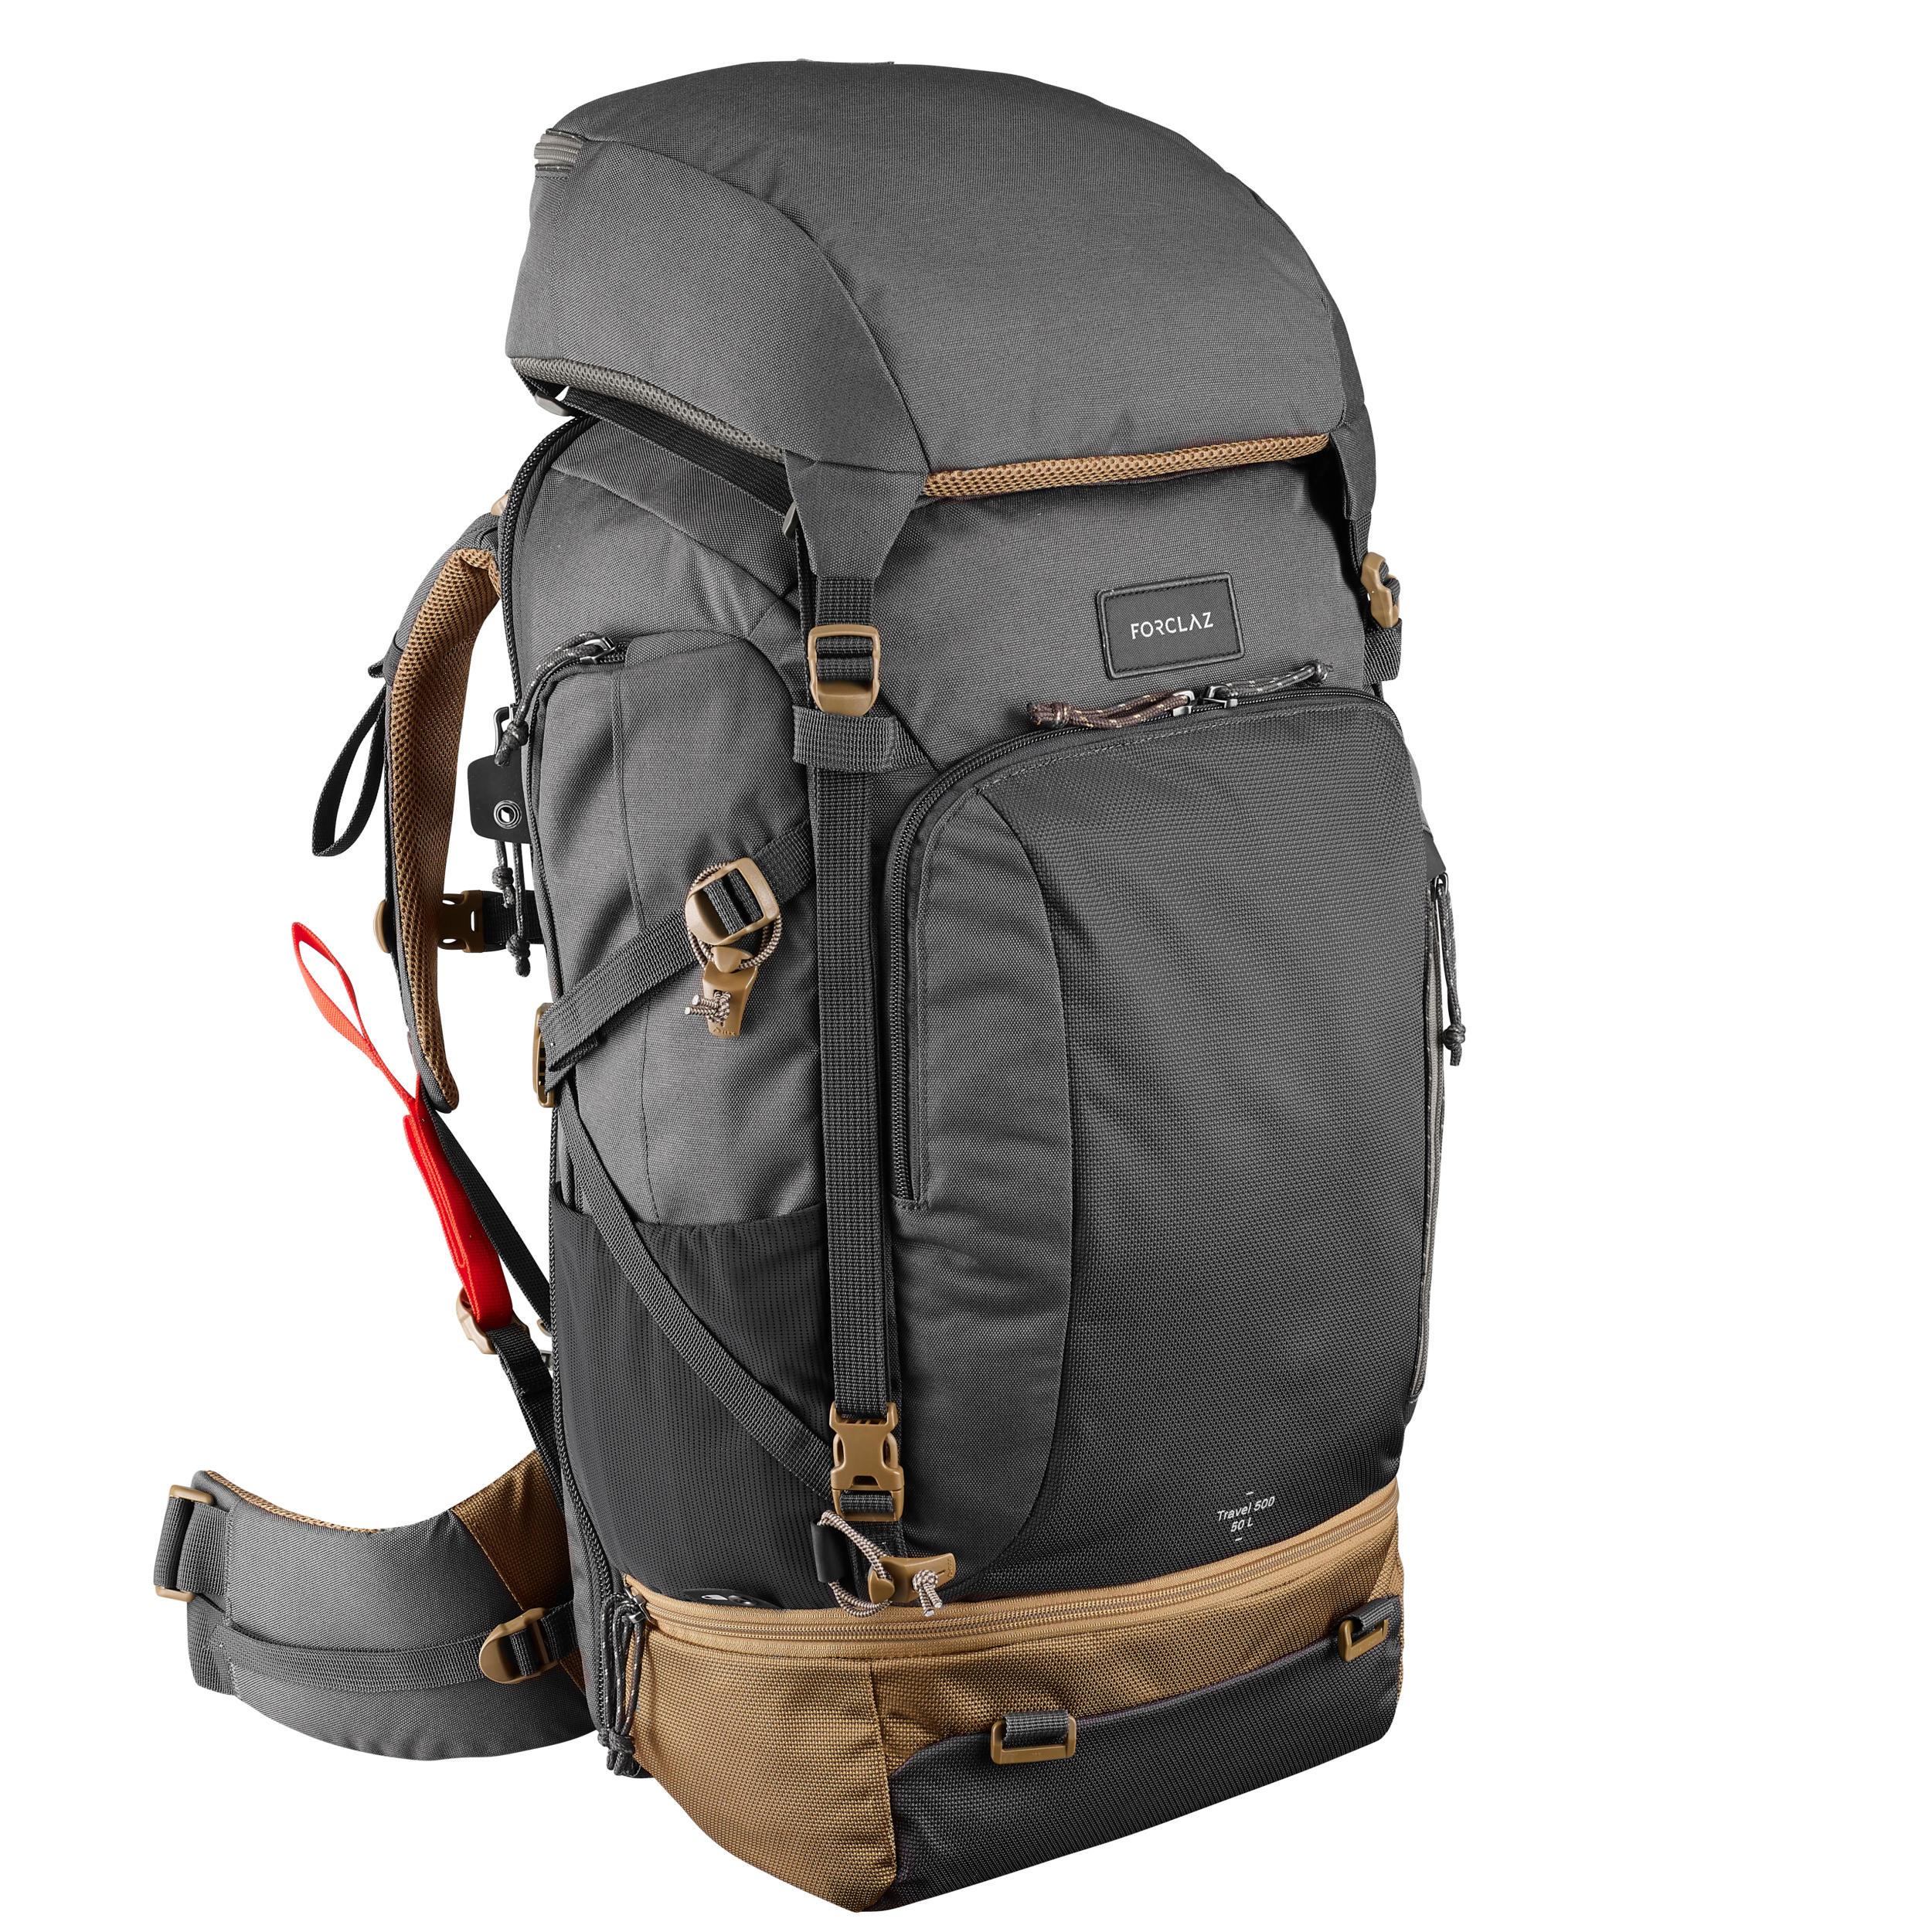 Trekking Travel500 Mochila Hombre Admite Gris Litros 50 Candado mNwv0nO8